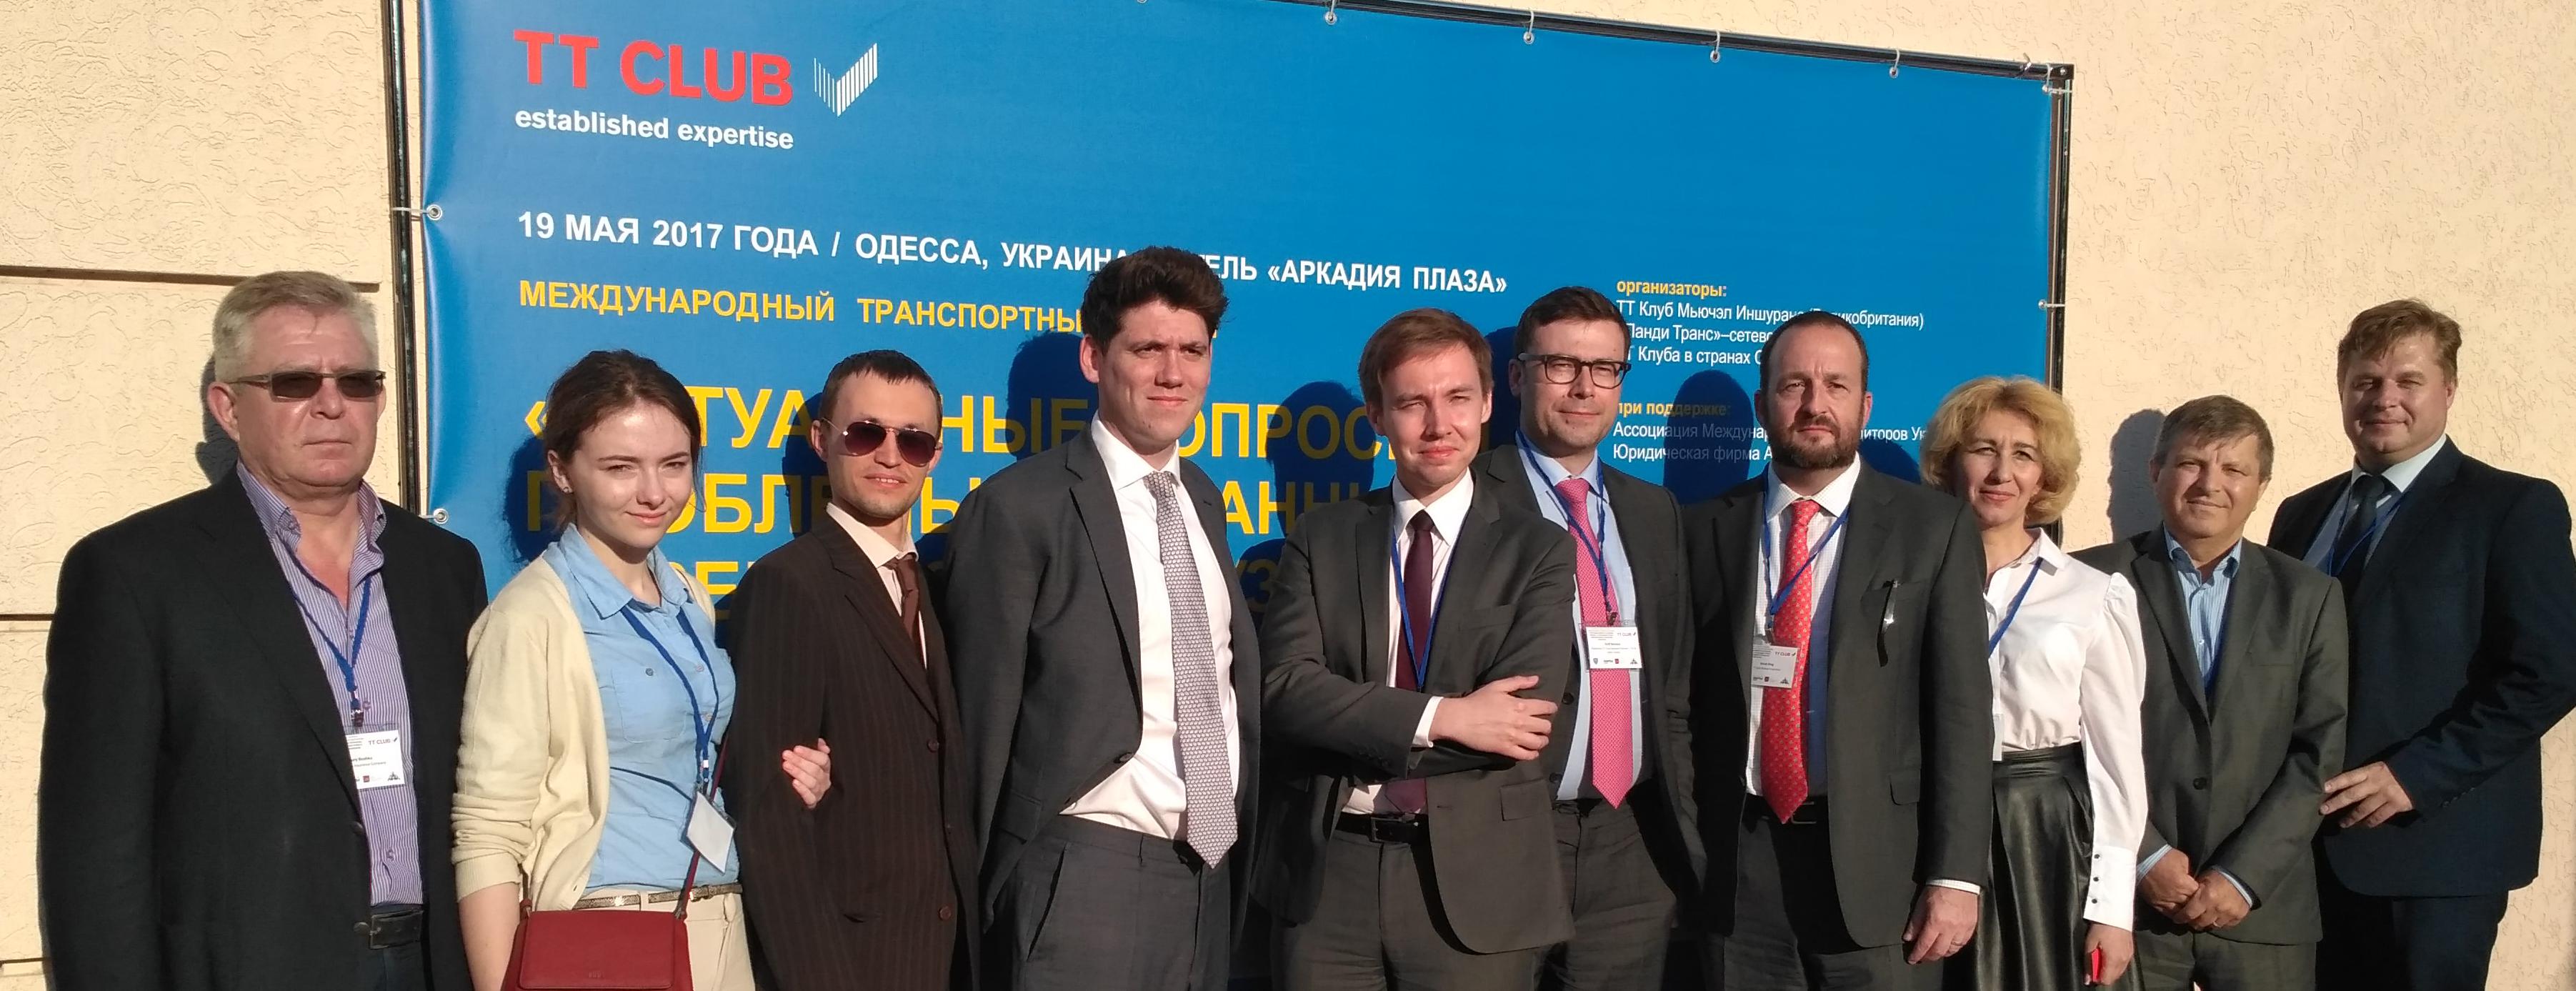 ТТ Клуб провёл международный транспортный форум для своих клиентов и партнёров в Украине